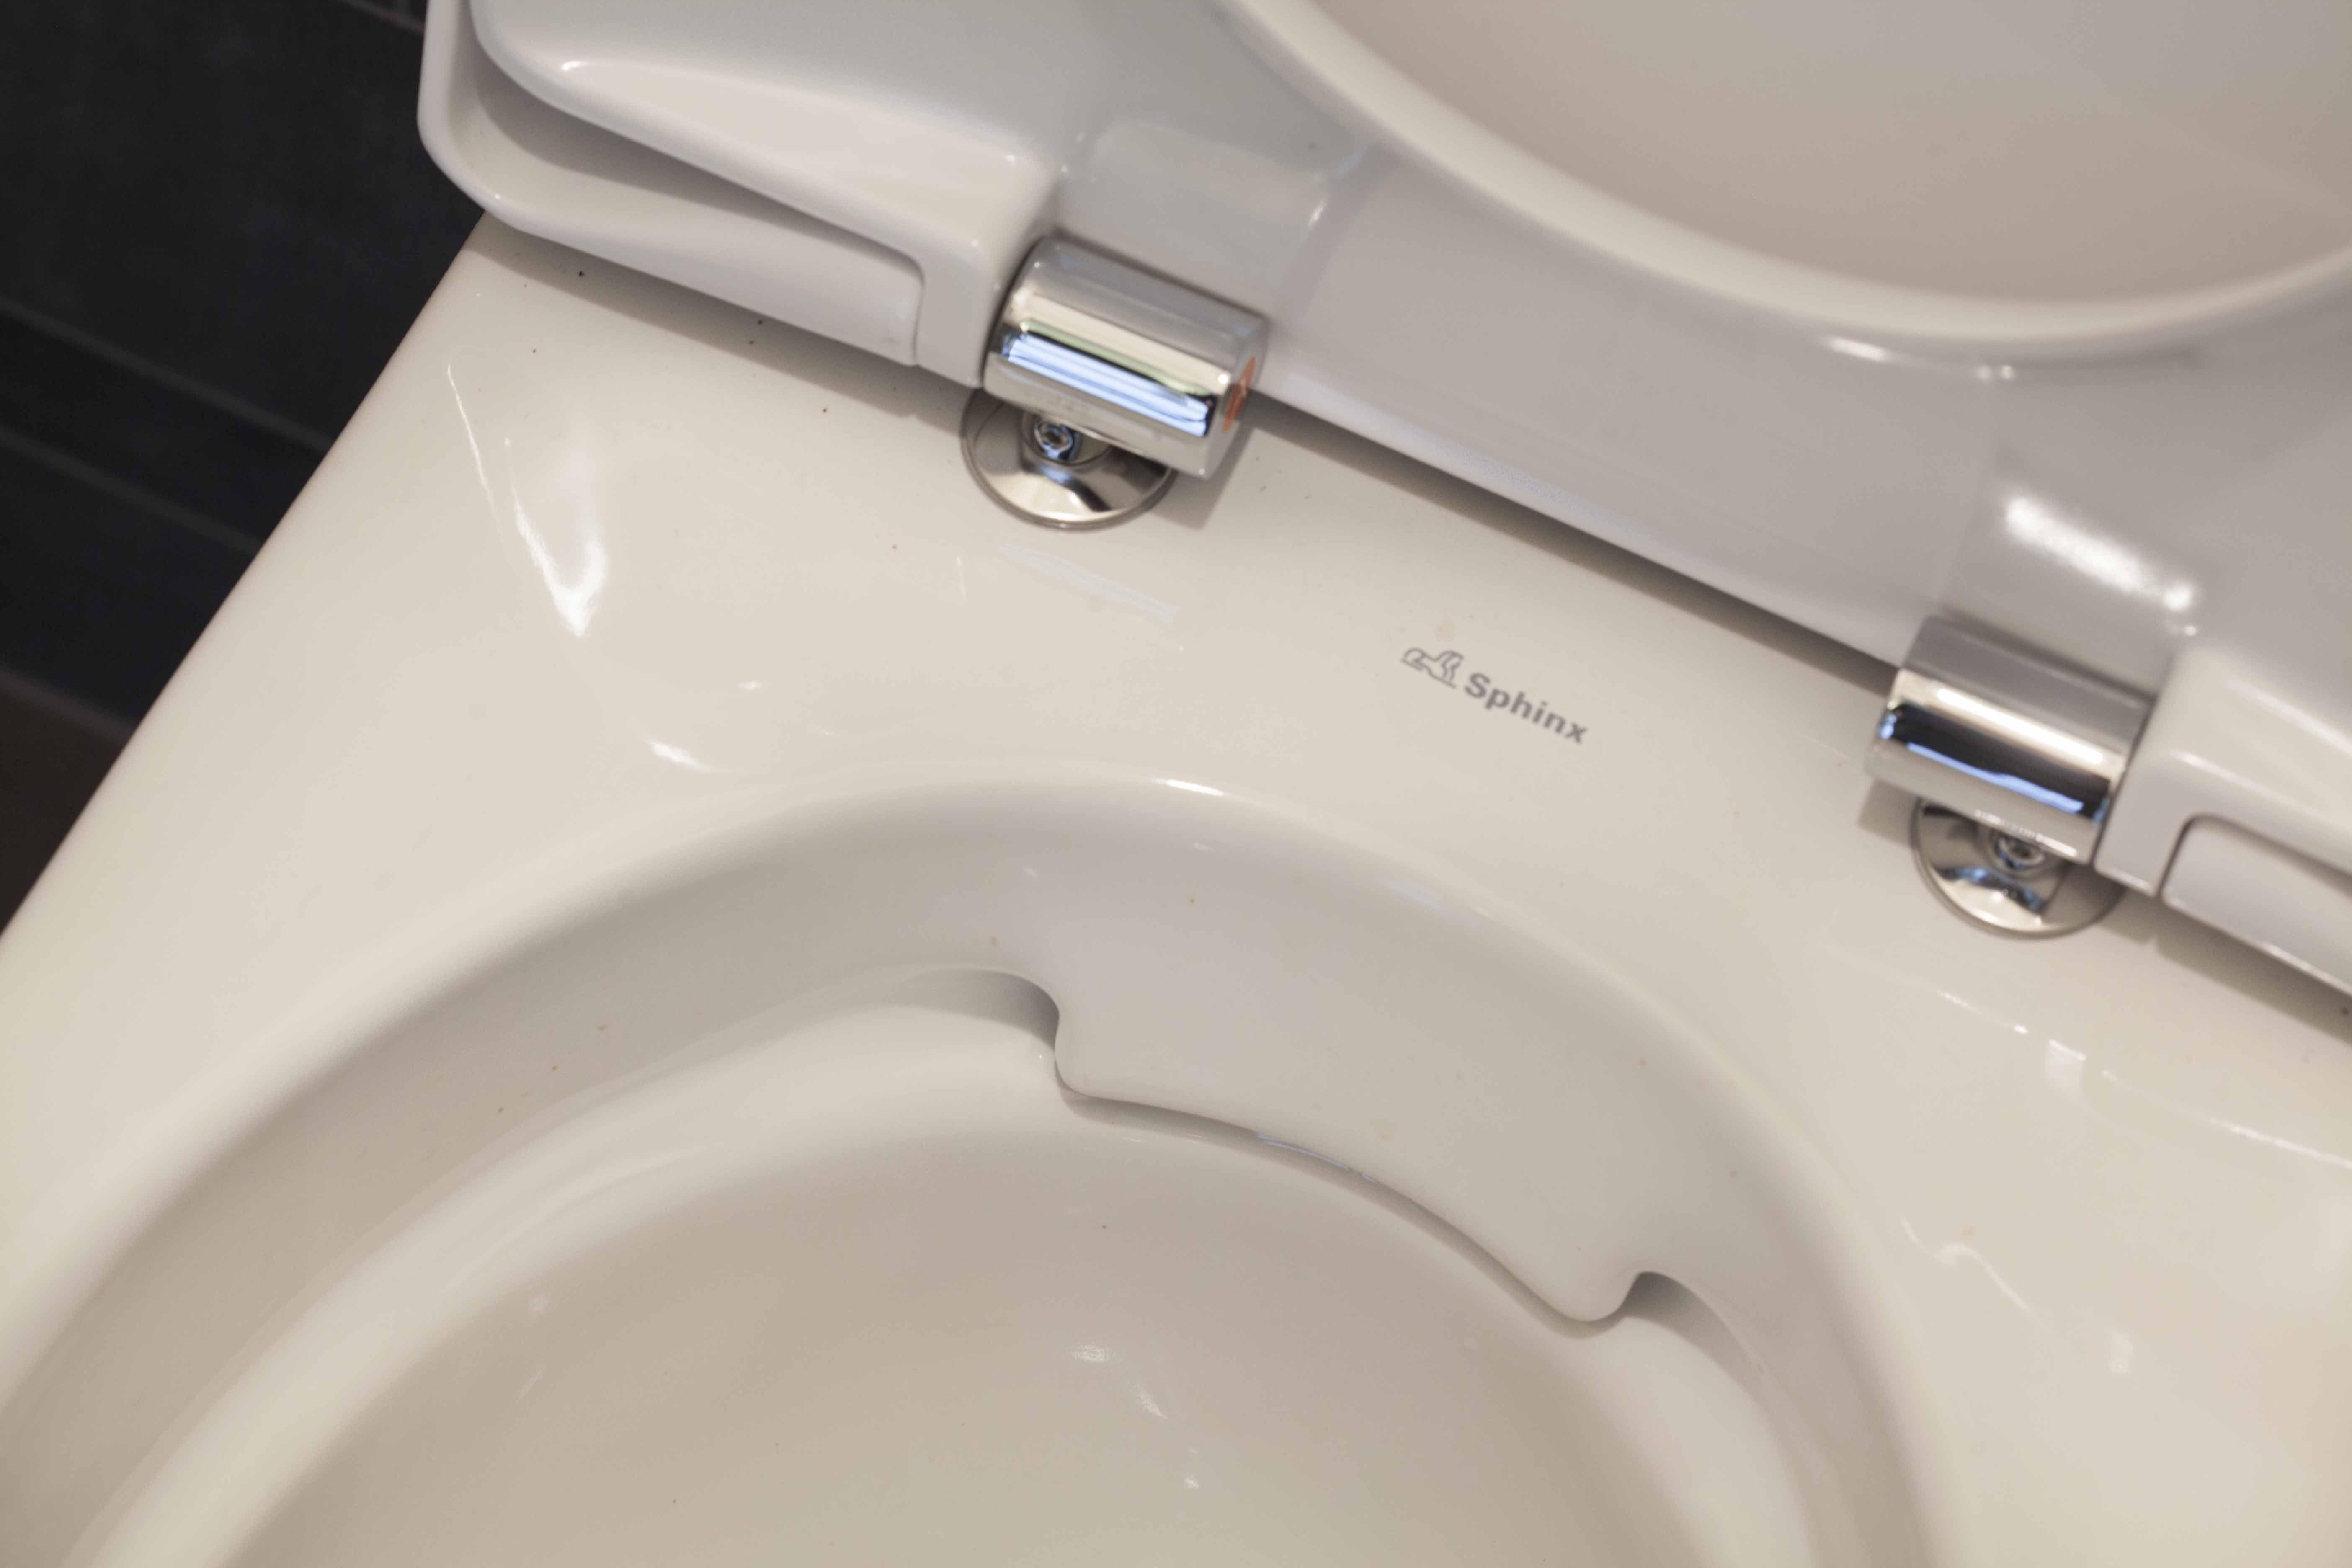 Sphinx Rimfree Toilet : Het toilet is voorzien van een sphinx rimfree toilet zonder